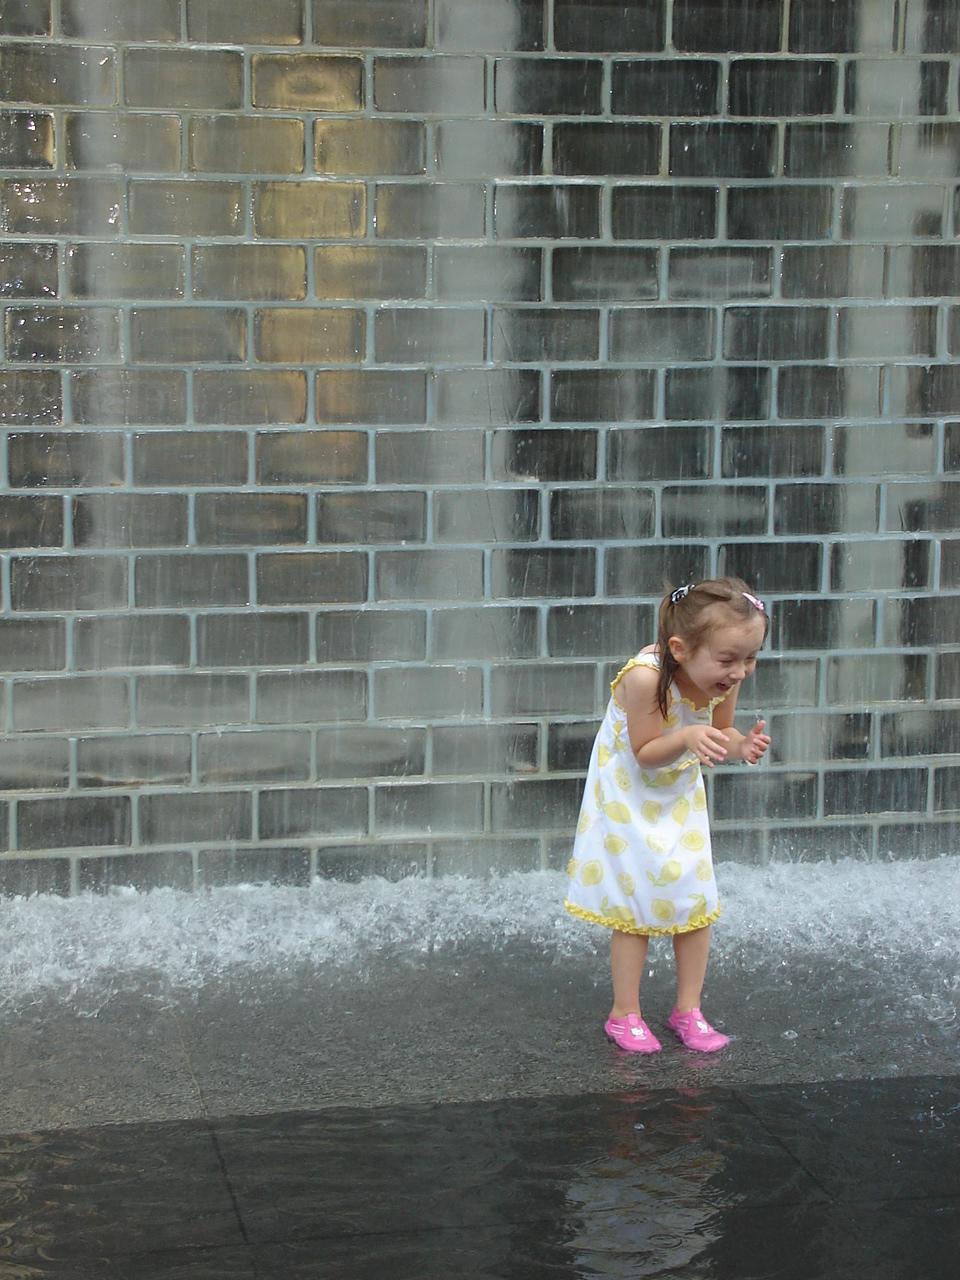 بالصور خلفيات مطر , مناظر مطر خلفيات روعة 1812